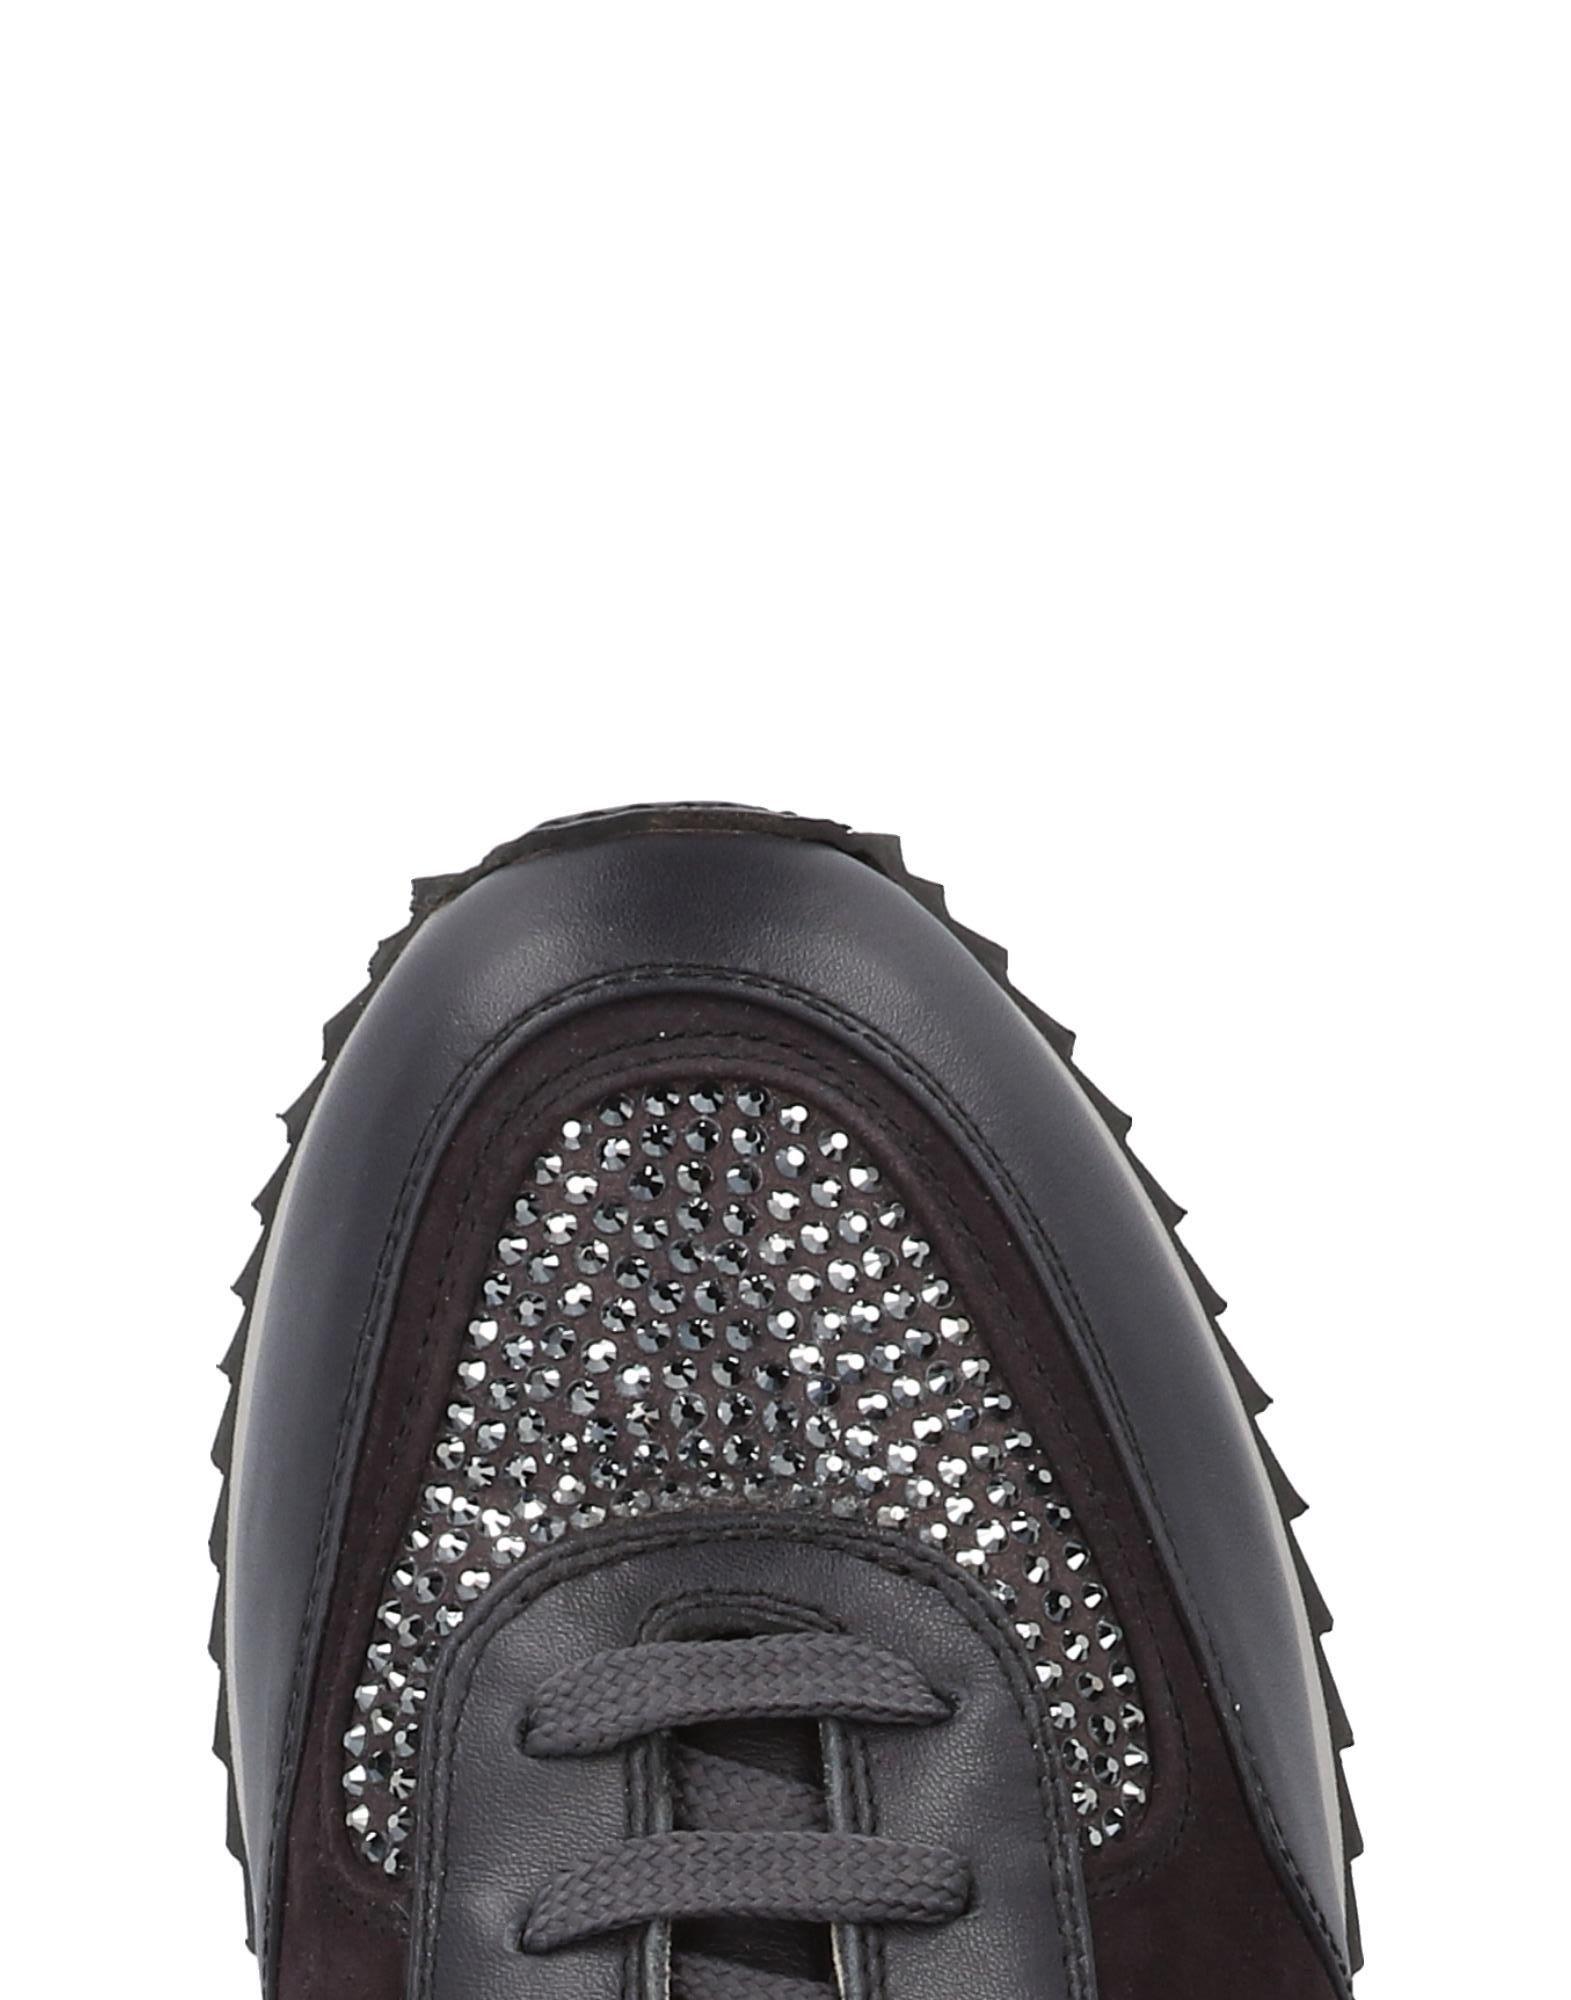 Le Silla Sneakers Damen  11461372JJGünstige 11461372JJGünstige  gut aussehende Schuhe bbefc6